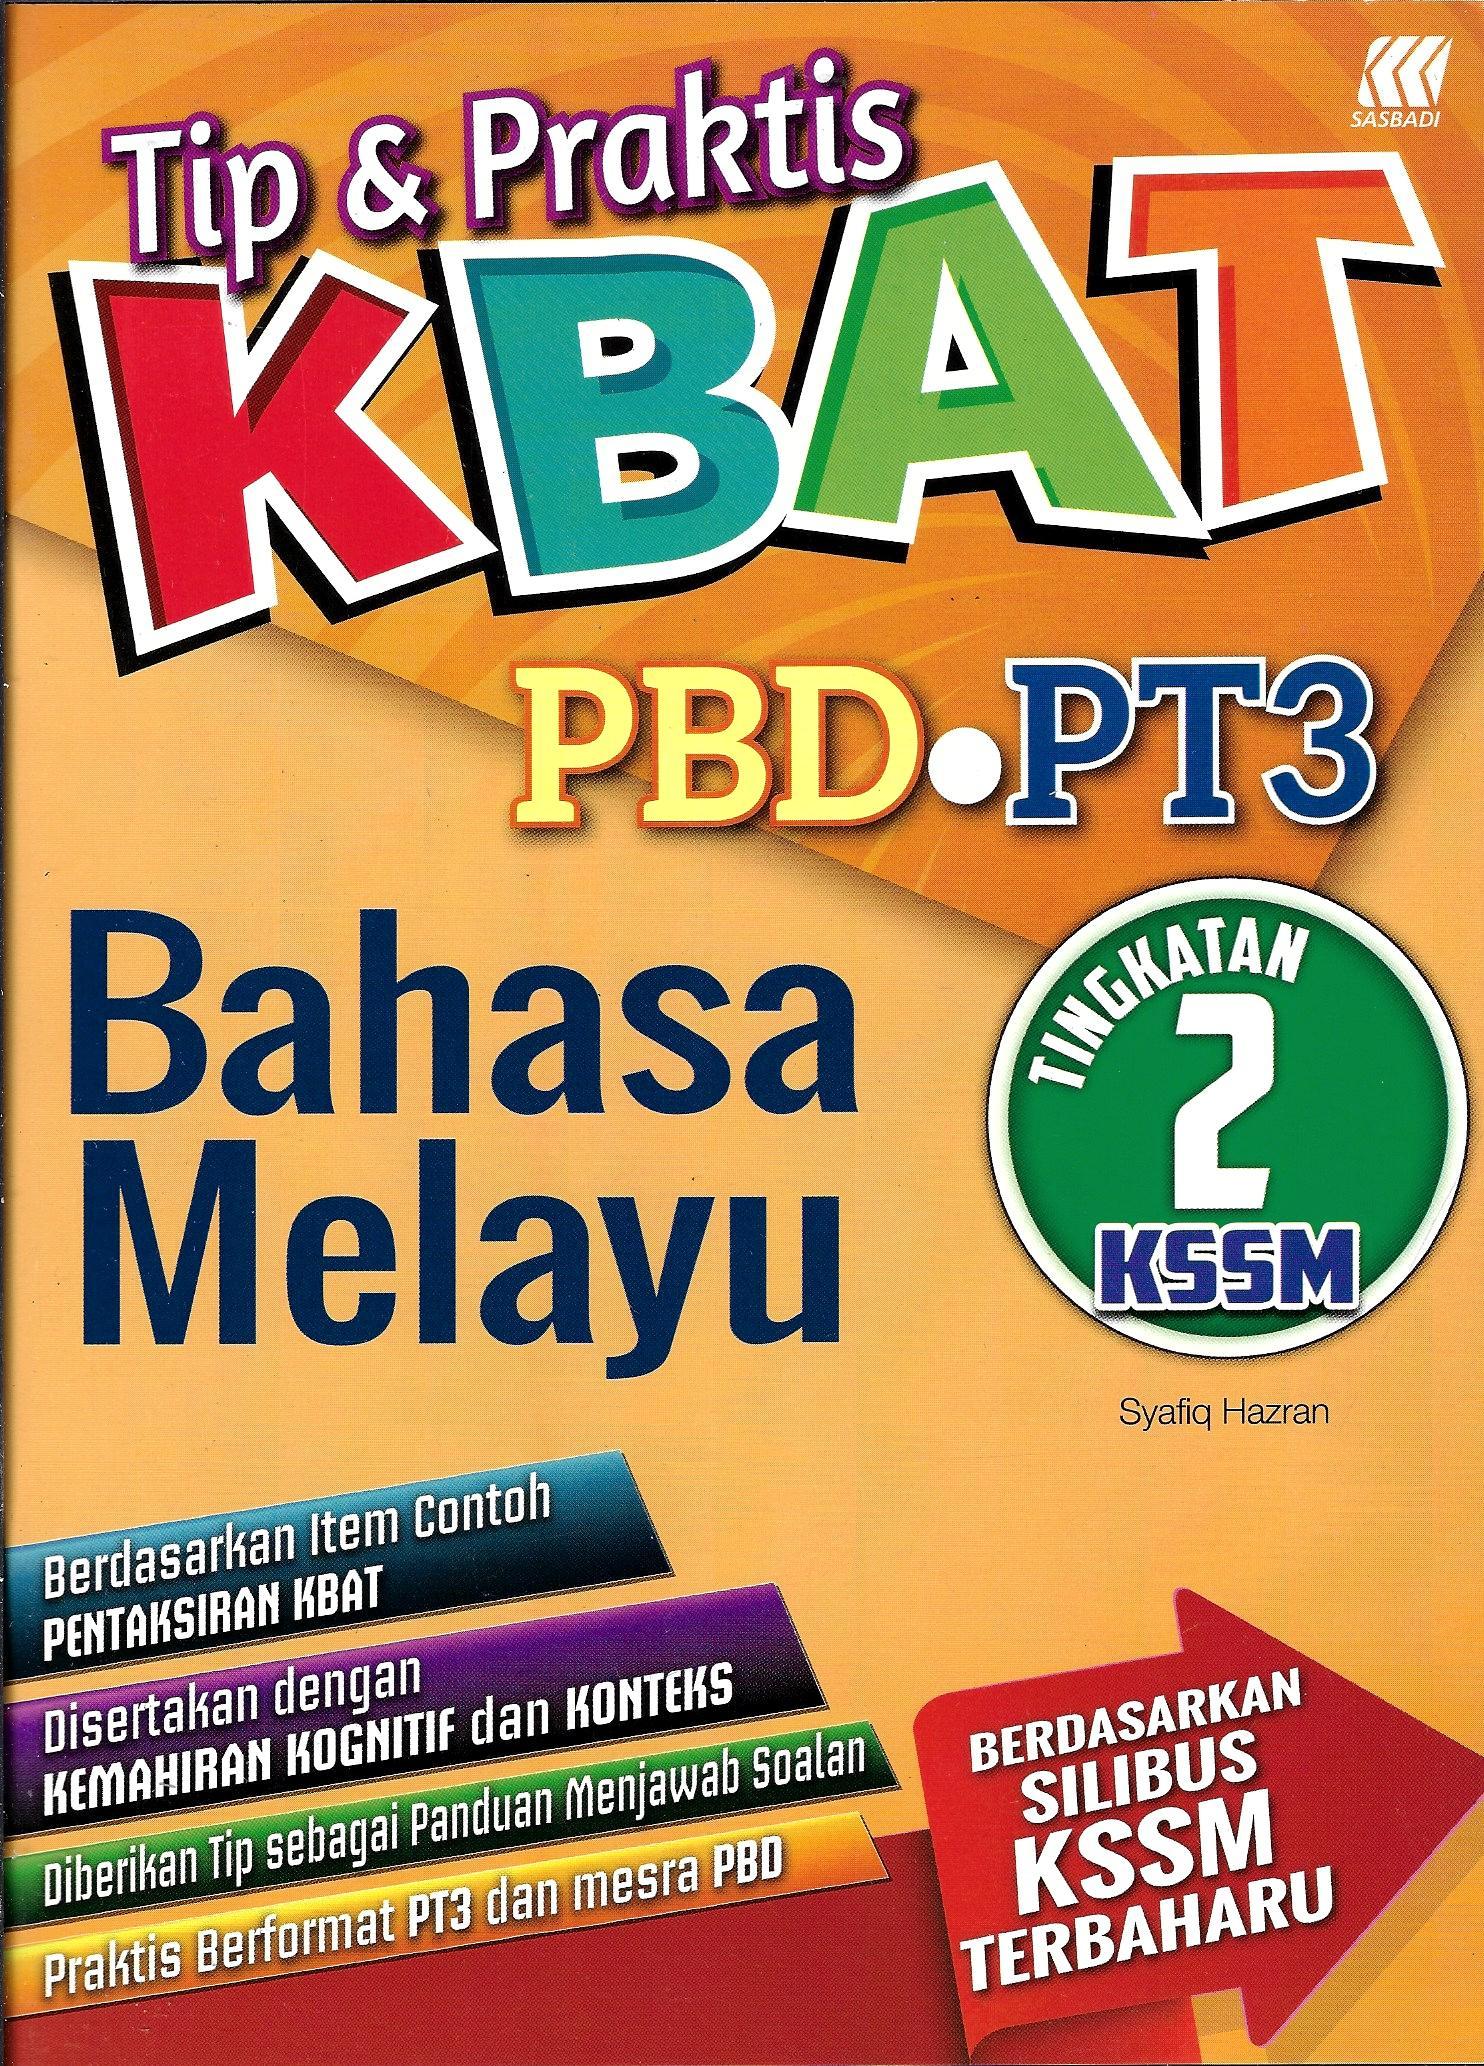 Tingkatan 2 Tip Praktis Kbat Pbd Pt3 Bahasa Melayu Tingkatan 2 Kssm